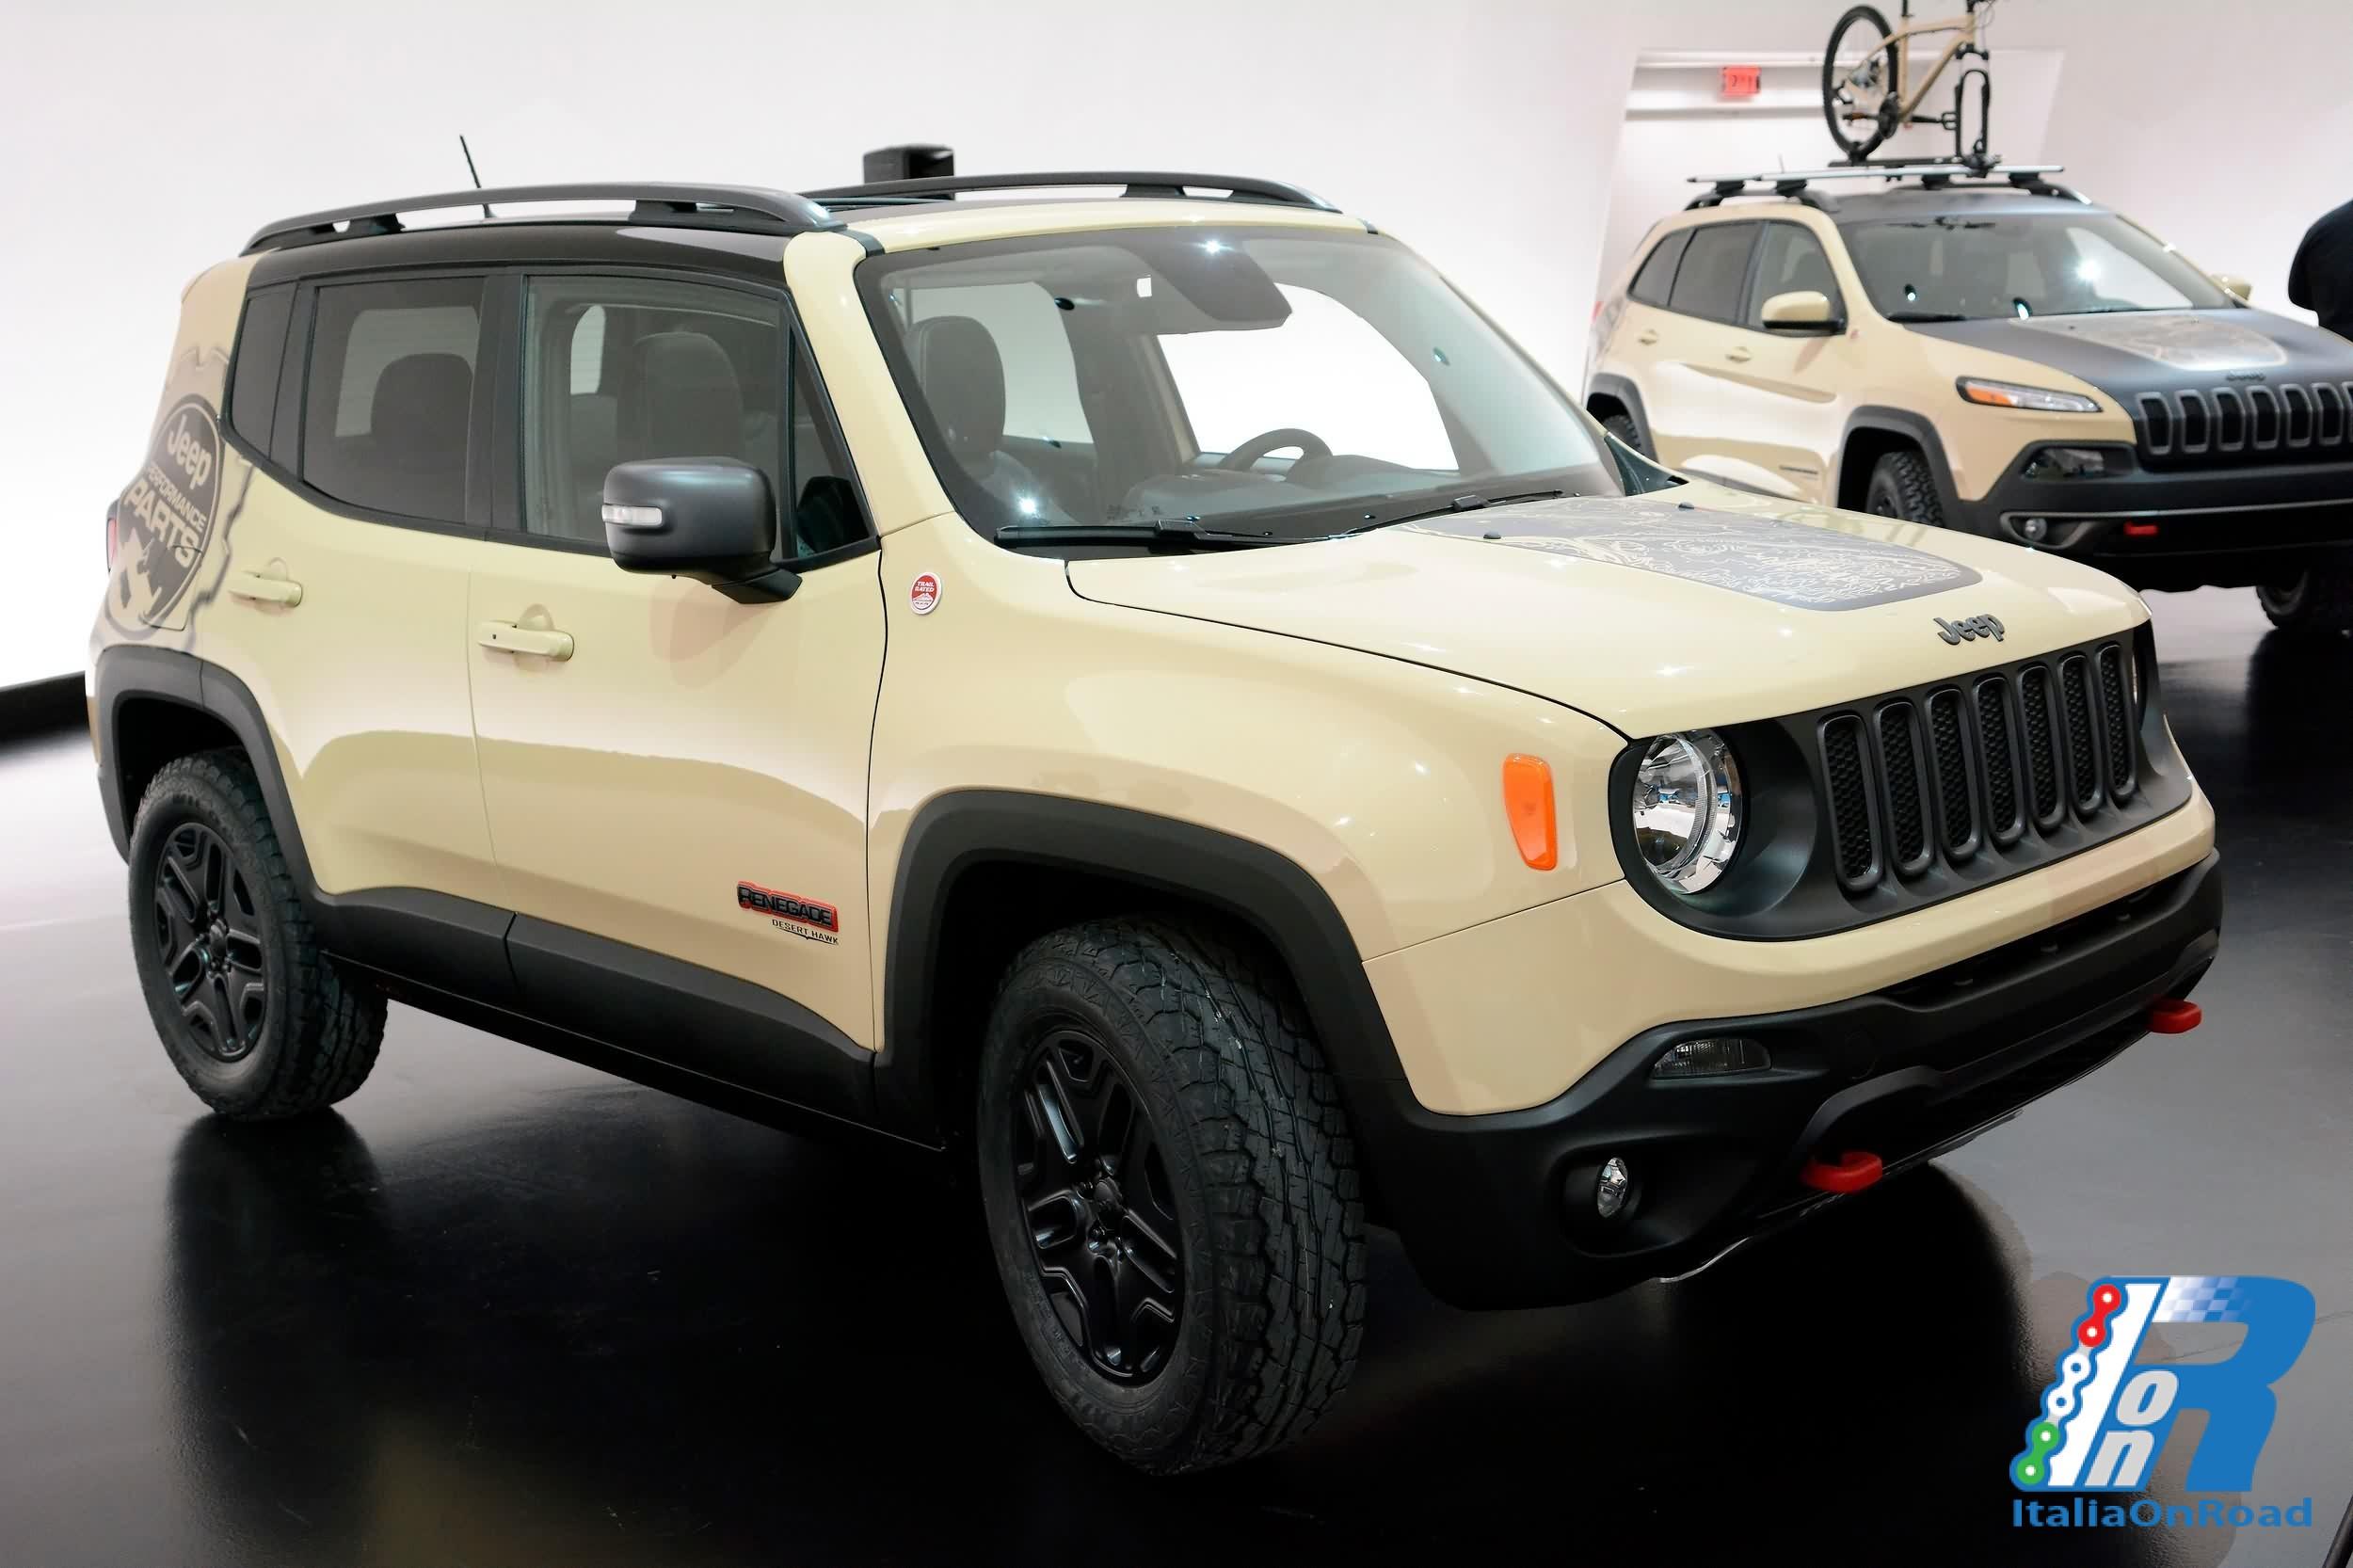 al via gli ordini della nuova jeep renegade desert hawk italiaonroad rivista italia motori. Black Bedroom Furniture Sets. Home Design Ideas